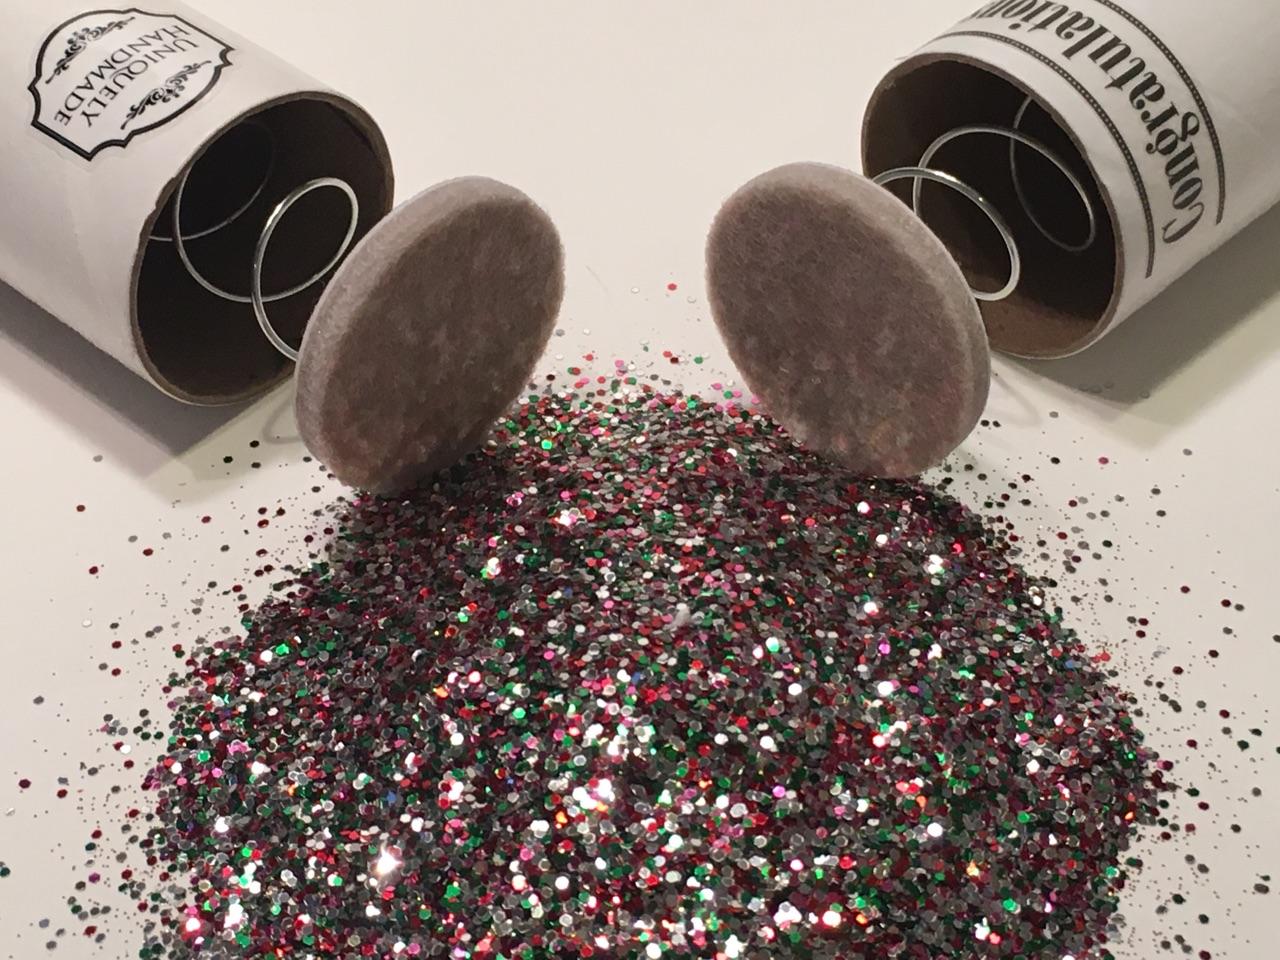 Spring Loaded Glitter Bomb